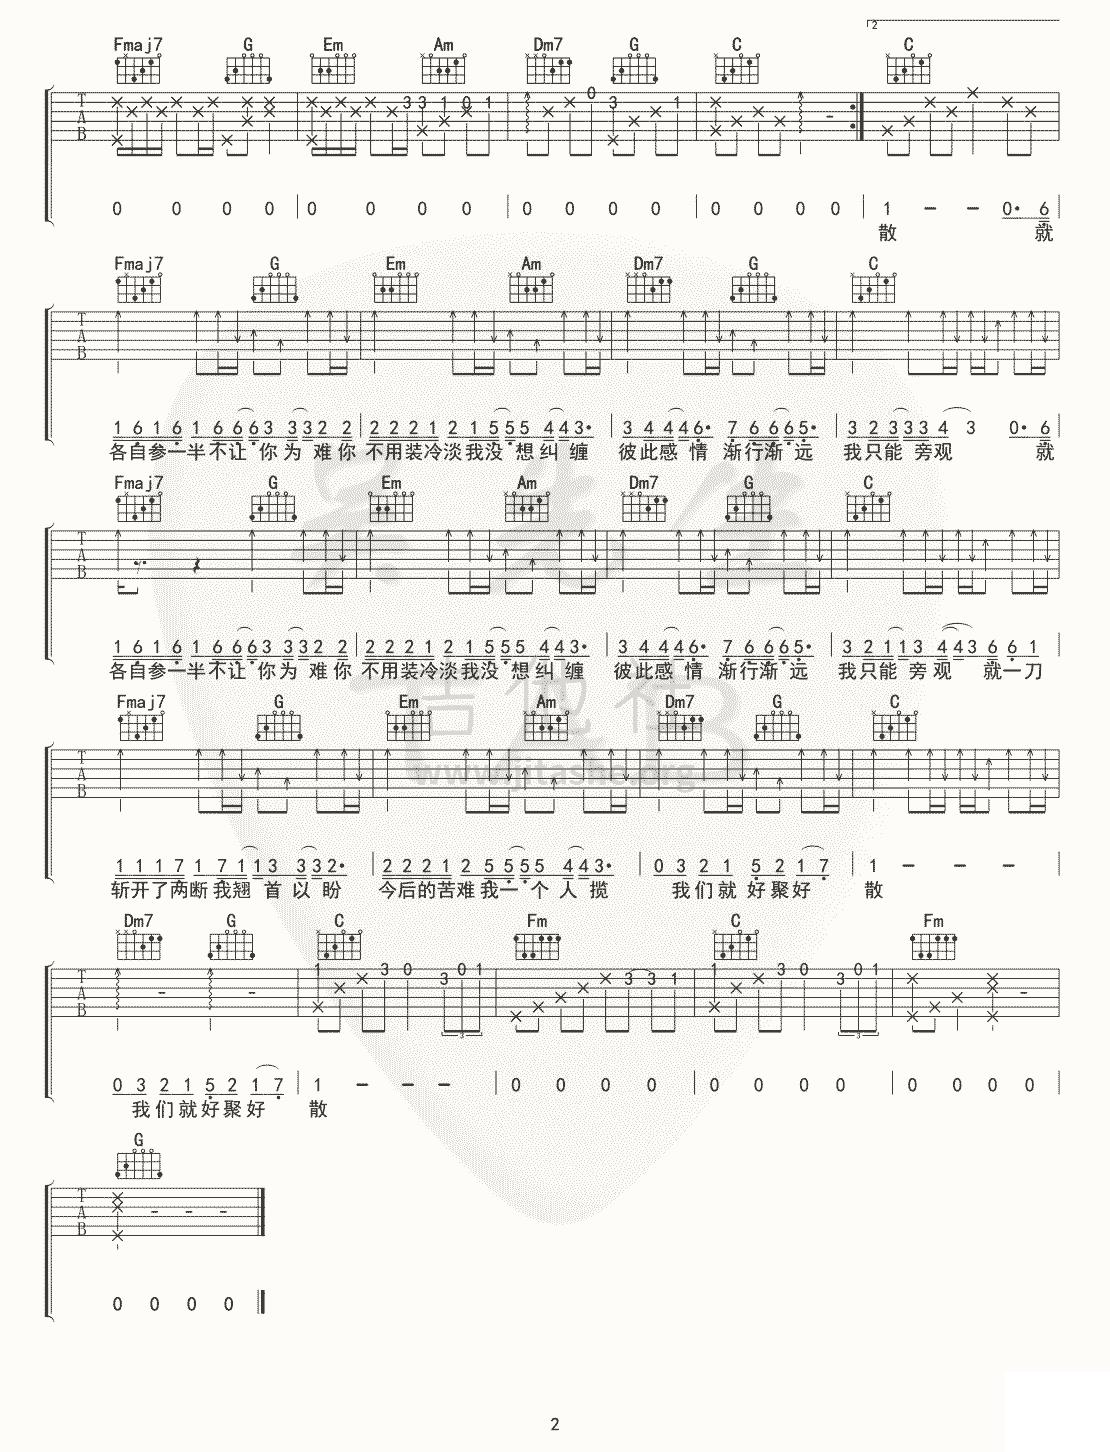 苏晗《离岸》吉他谱_C调吉他六线谱